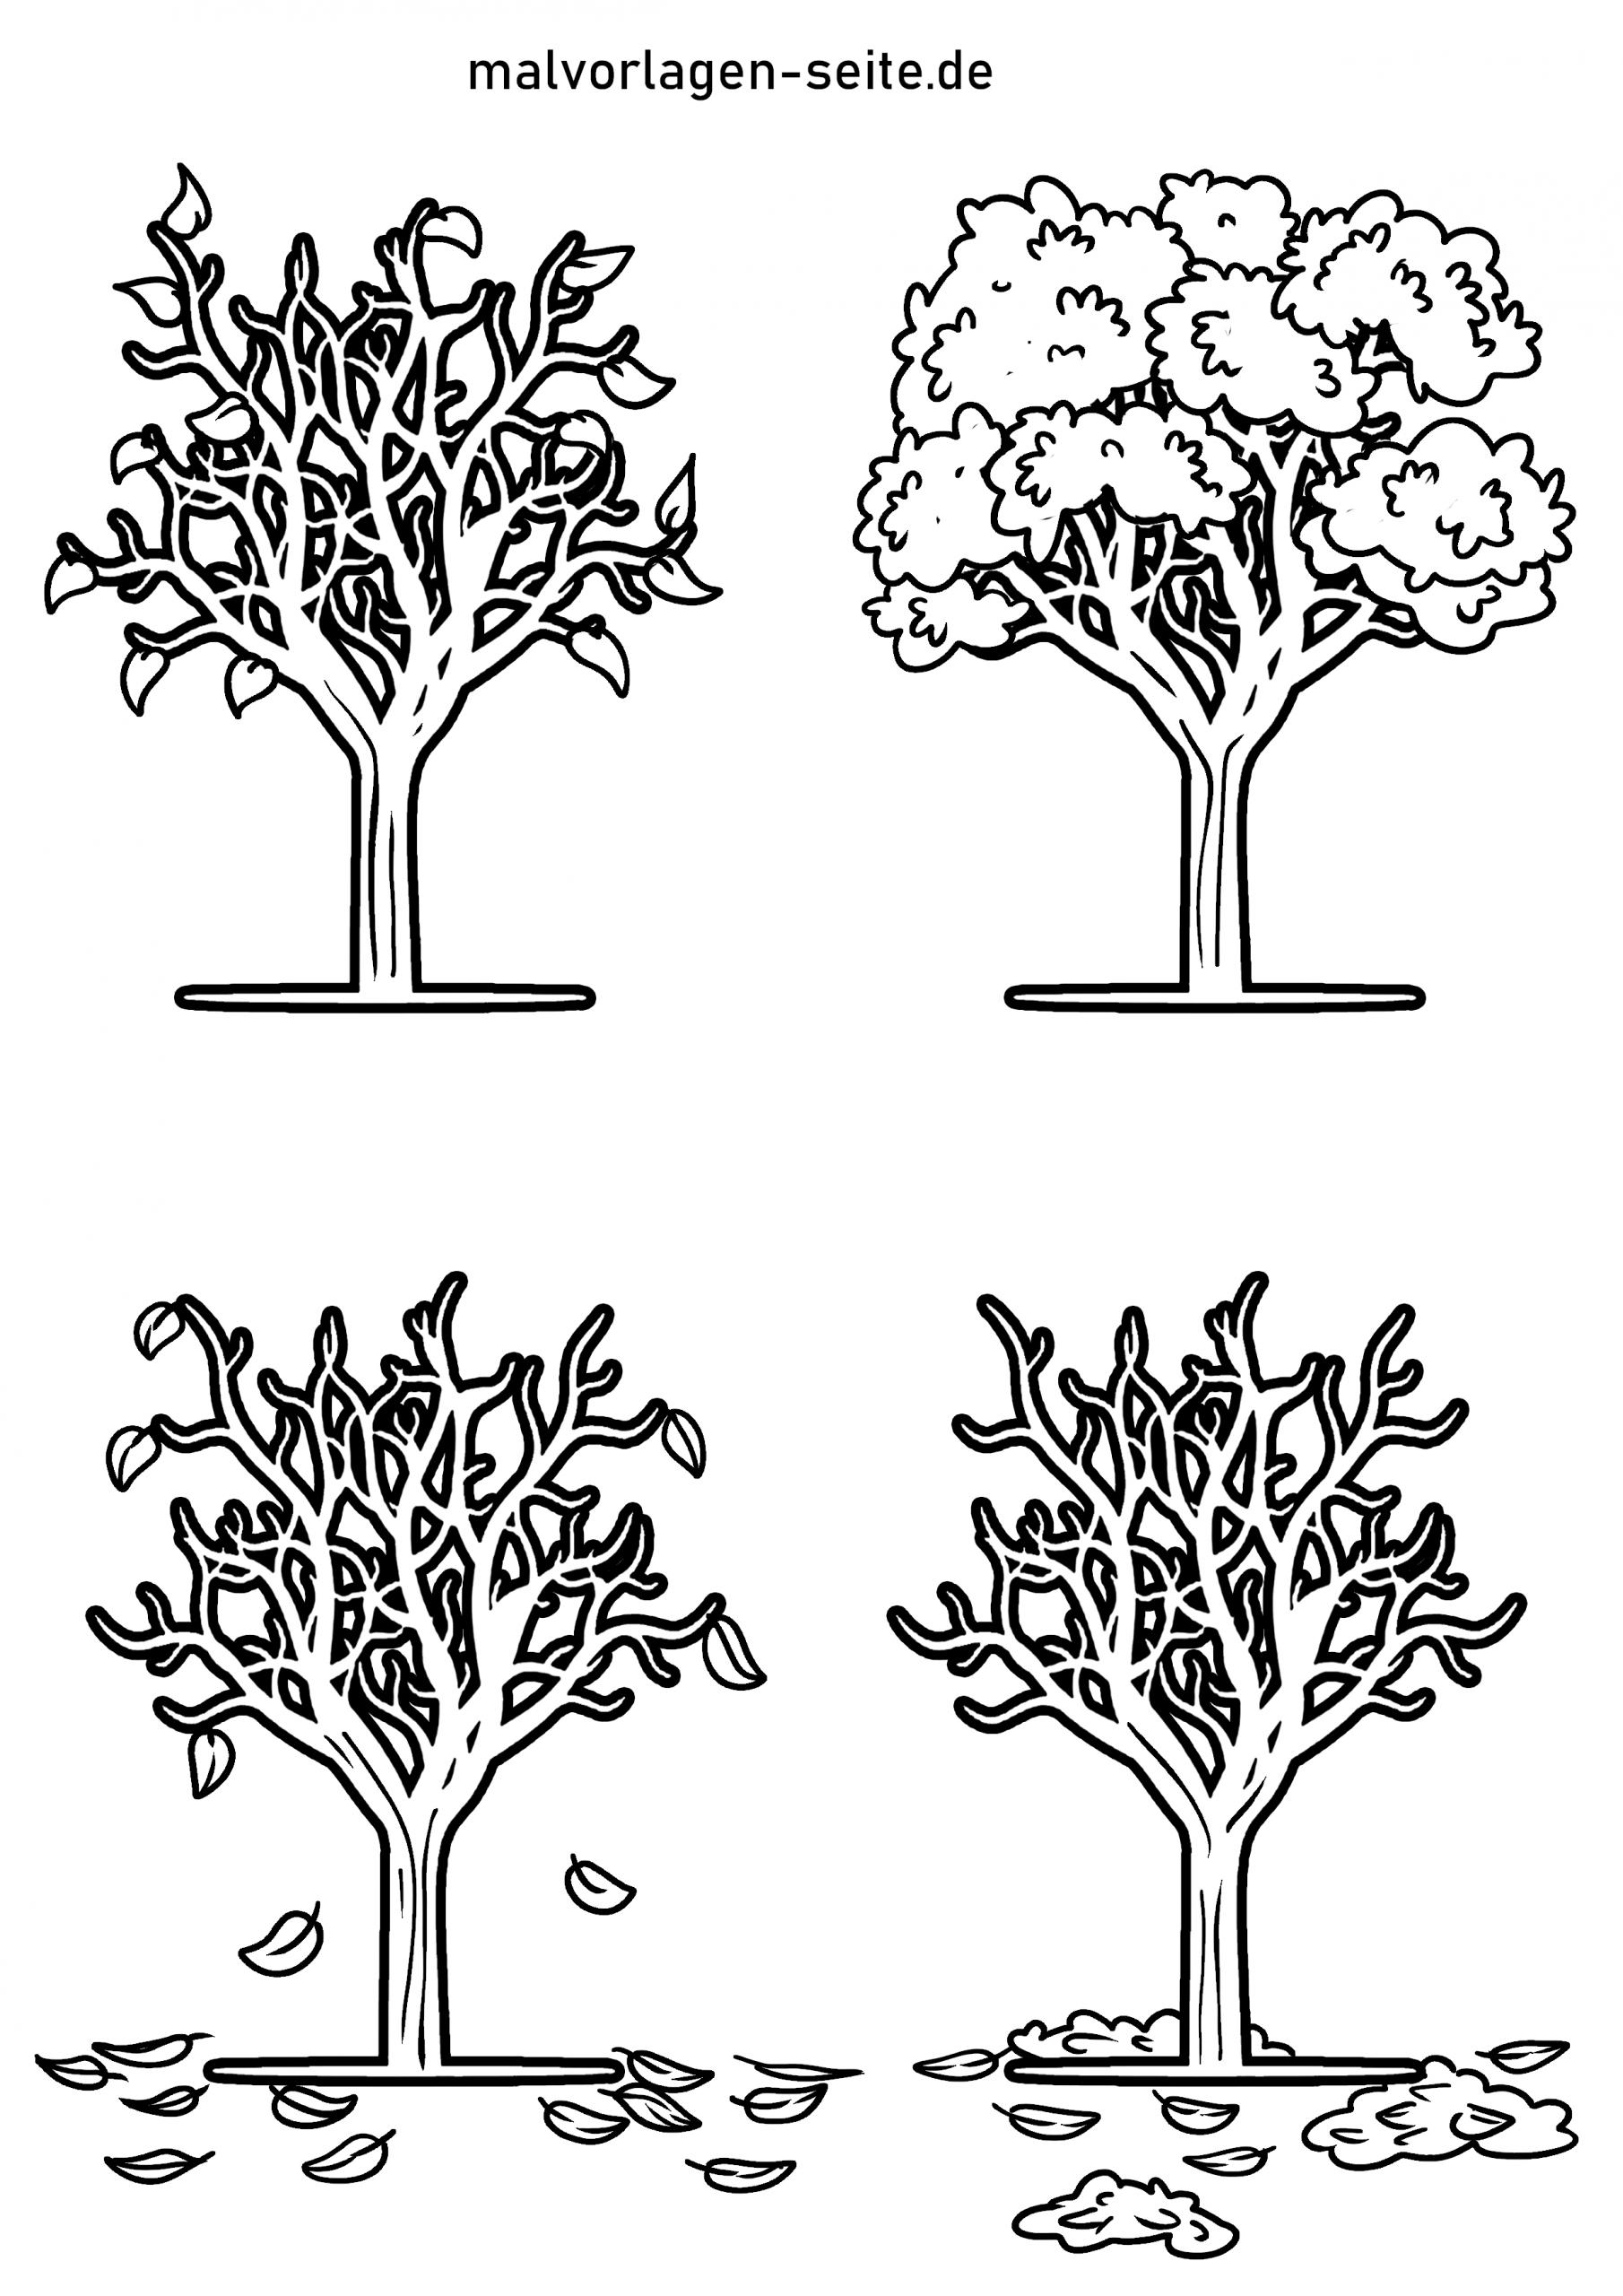 Malvorlage Baum 4 Jahreszeiten   Pflanzen - Ausmalbilder innen Malvorlagen Bäume Zum Ausdrucken